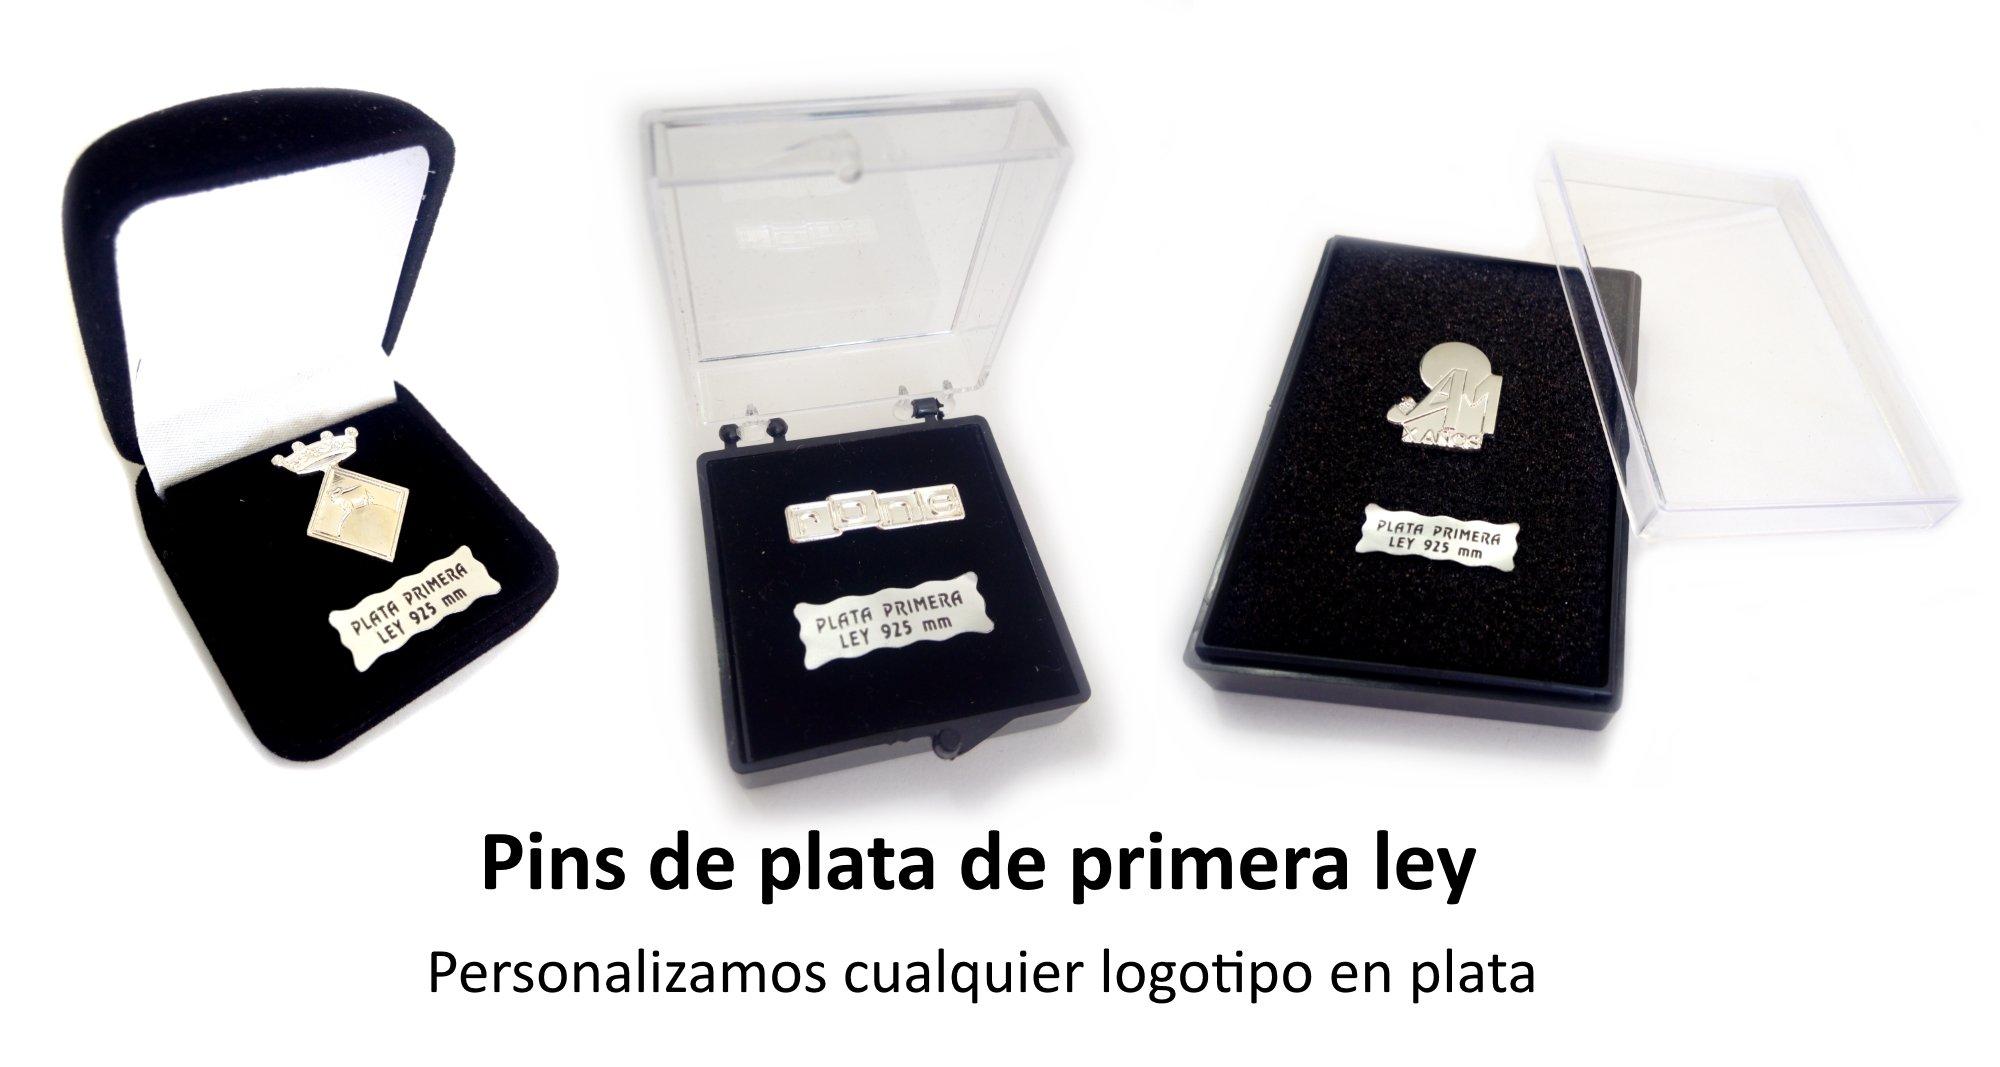 Pins de plata. Utilizamos plata de primera ley para fabricar nuestros pins personalizados de plata.